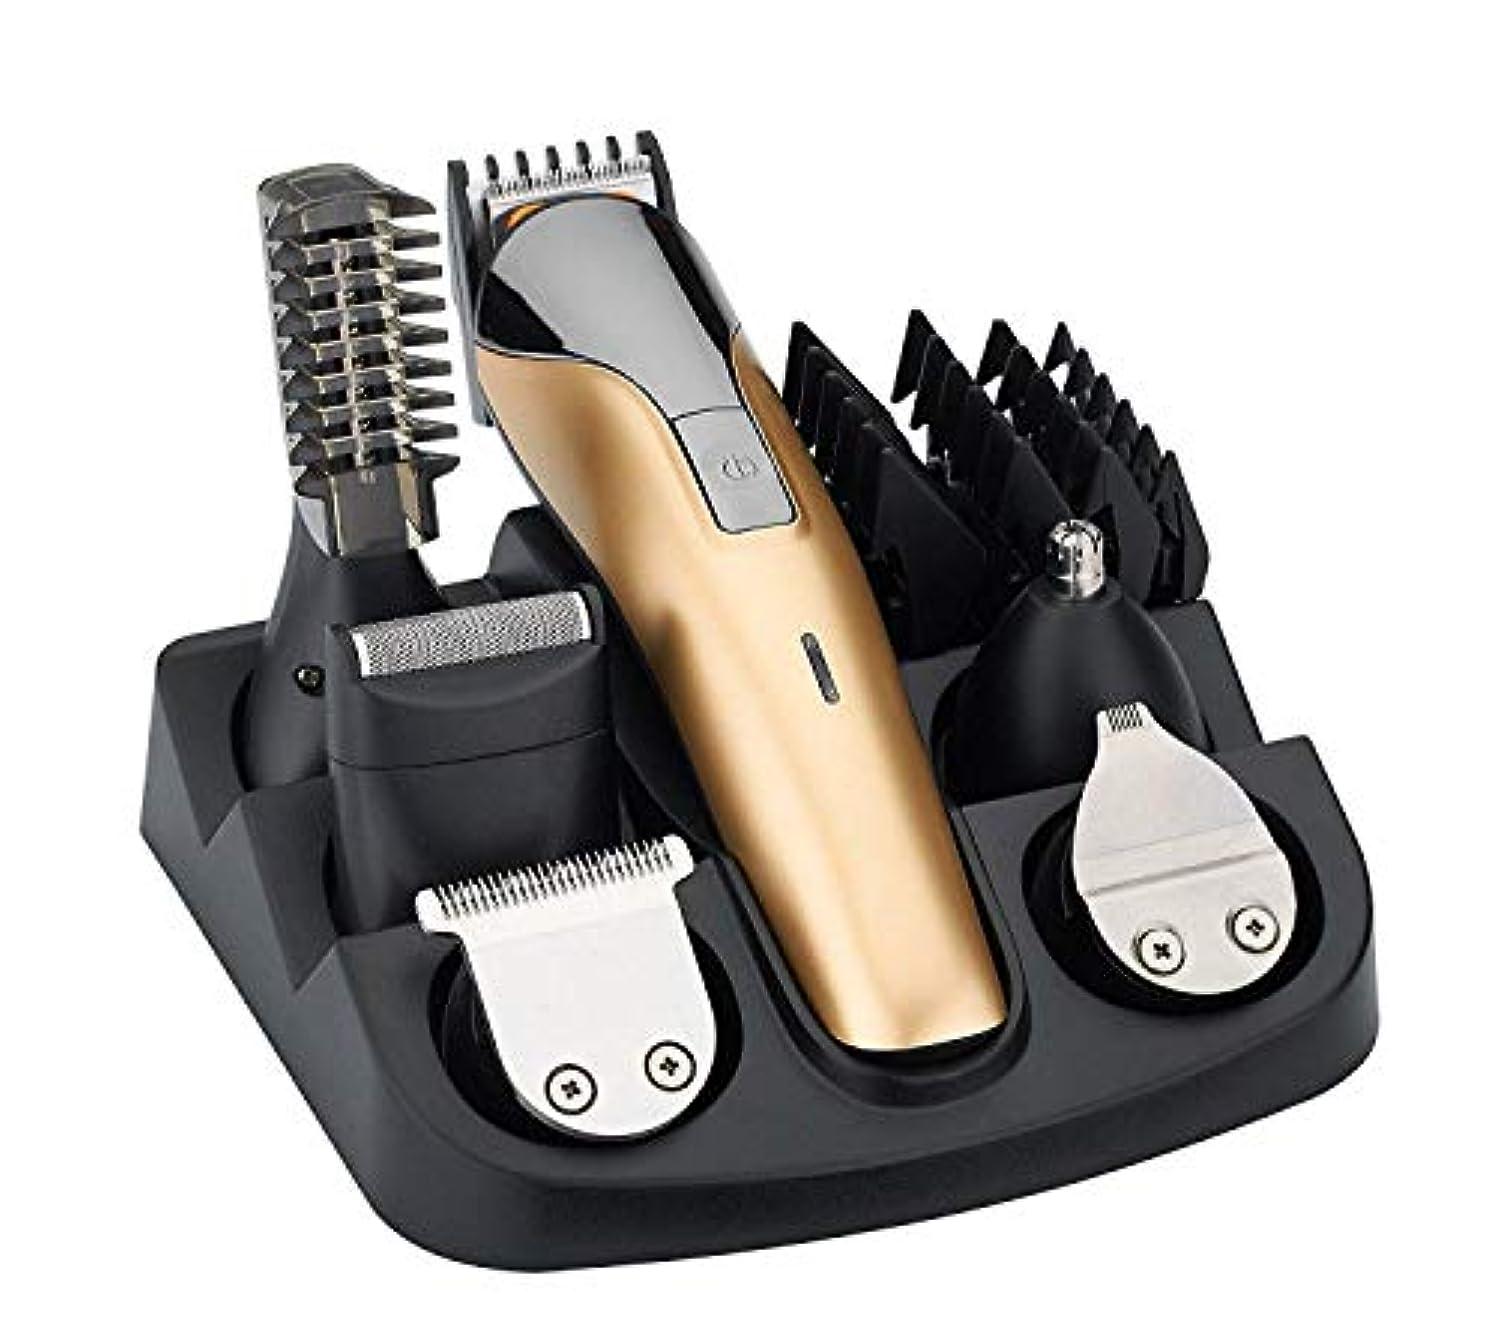 聞きます質素な商品バリカン男性電気かみそりのひげのトリマー、かみそりの鼻の盲目の角度のトリマーの美容師セット多機能電気バリカンバリカン